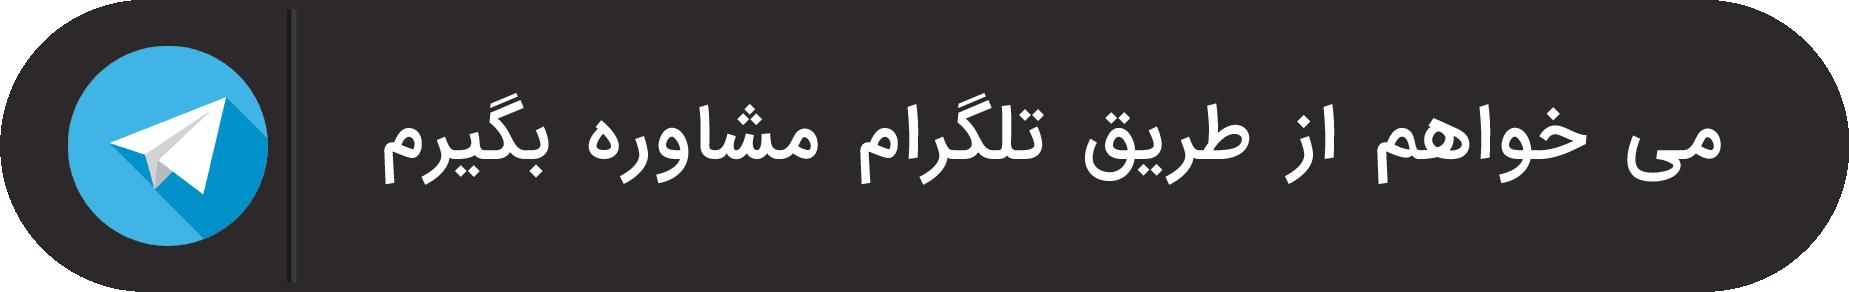 تلگرام وودیانو